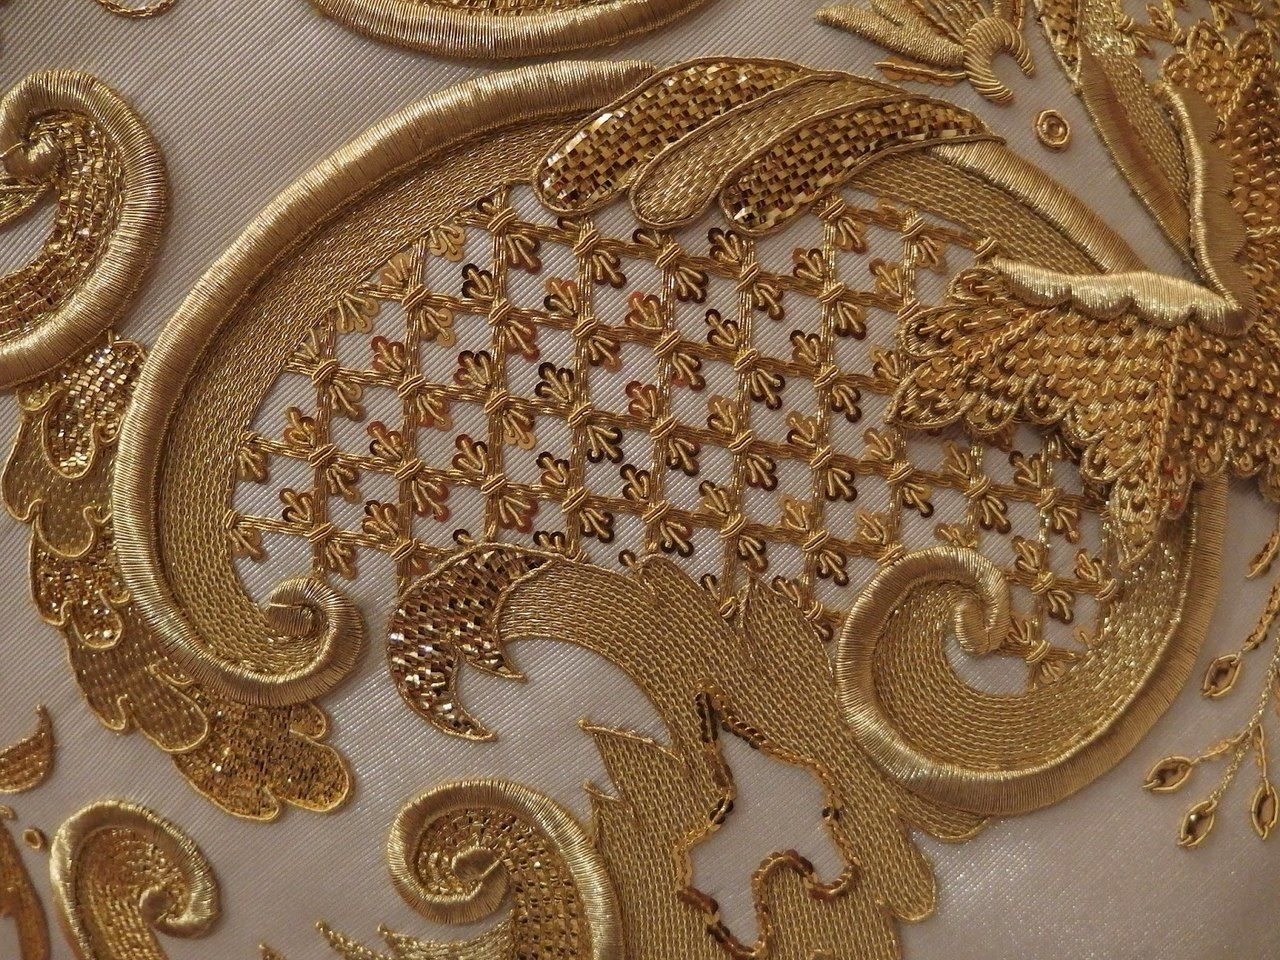 Вышивка золотыми и серебряными нитями